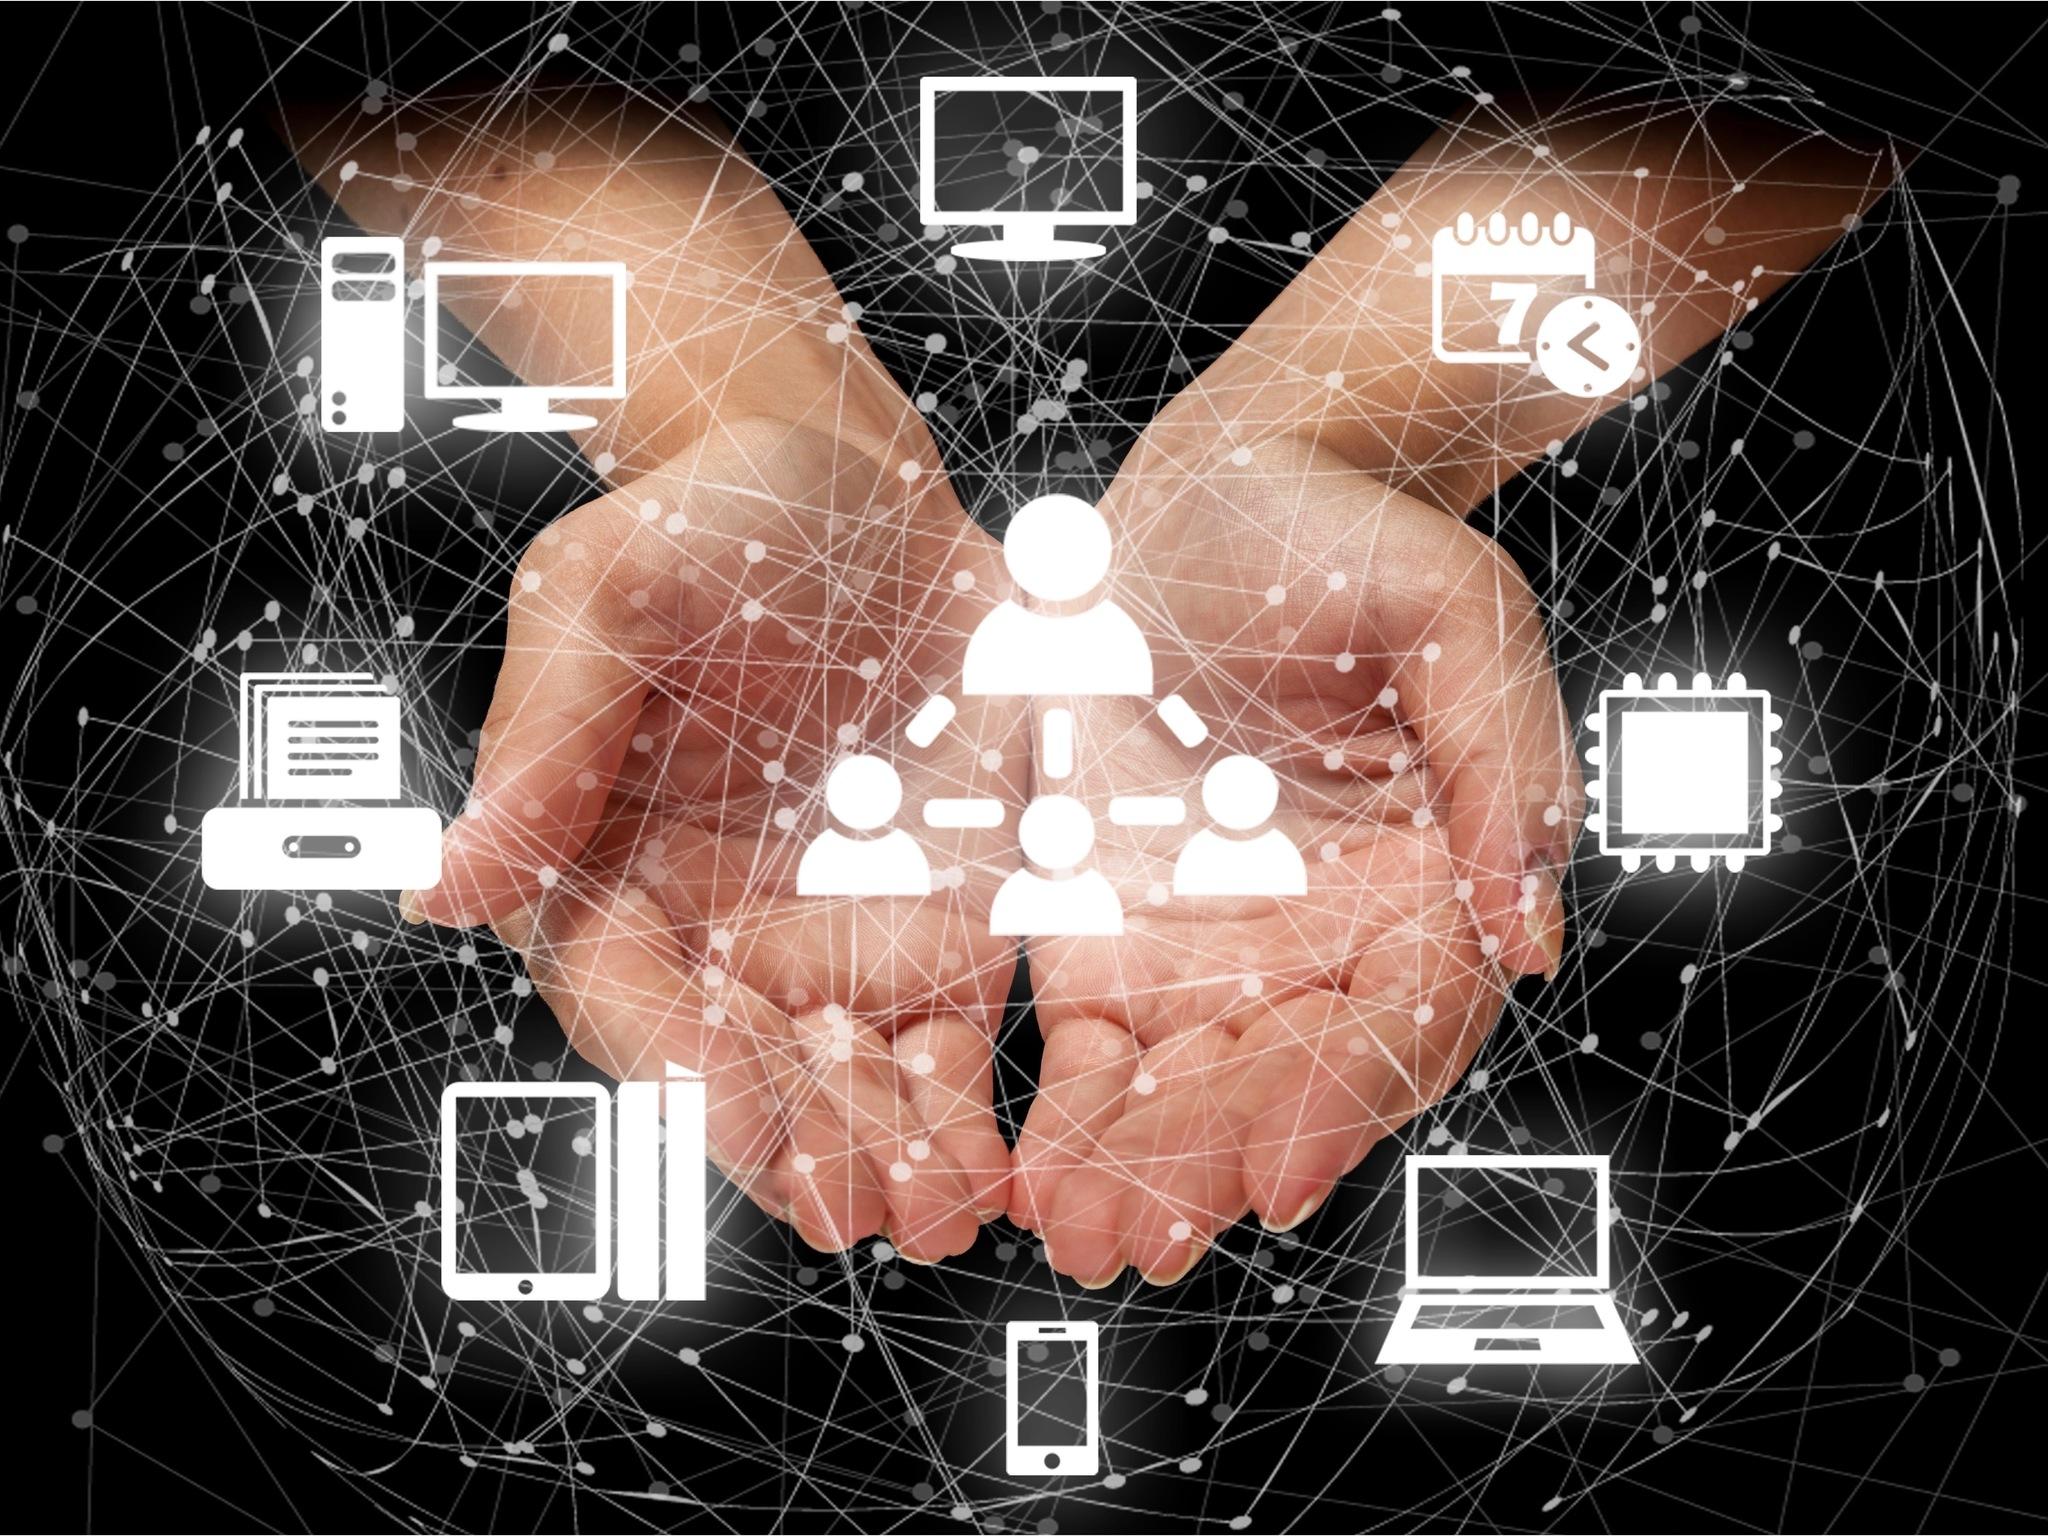 【初心者向け】DMPとは?広告配信の仕組みと運用方法を解説!